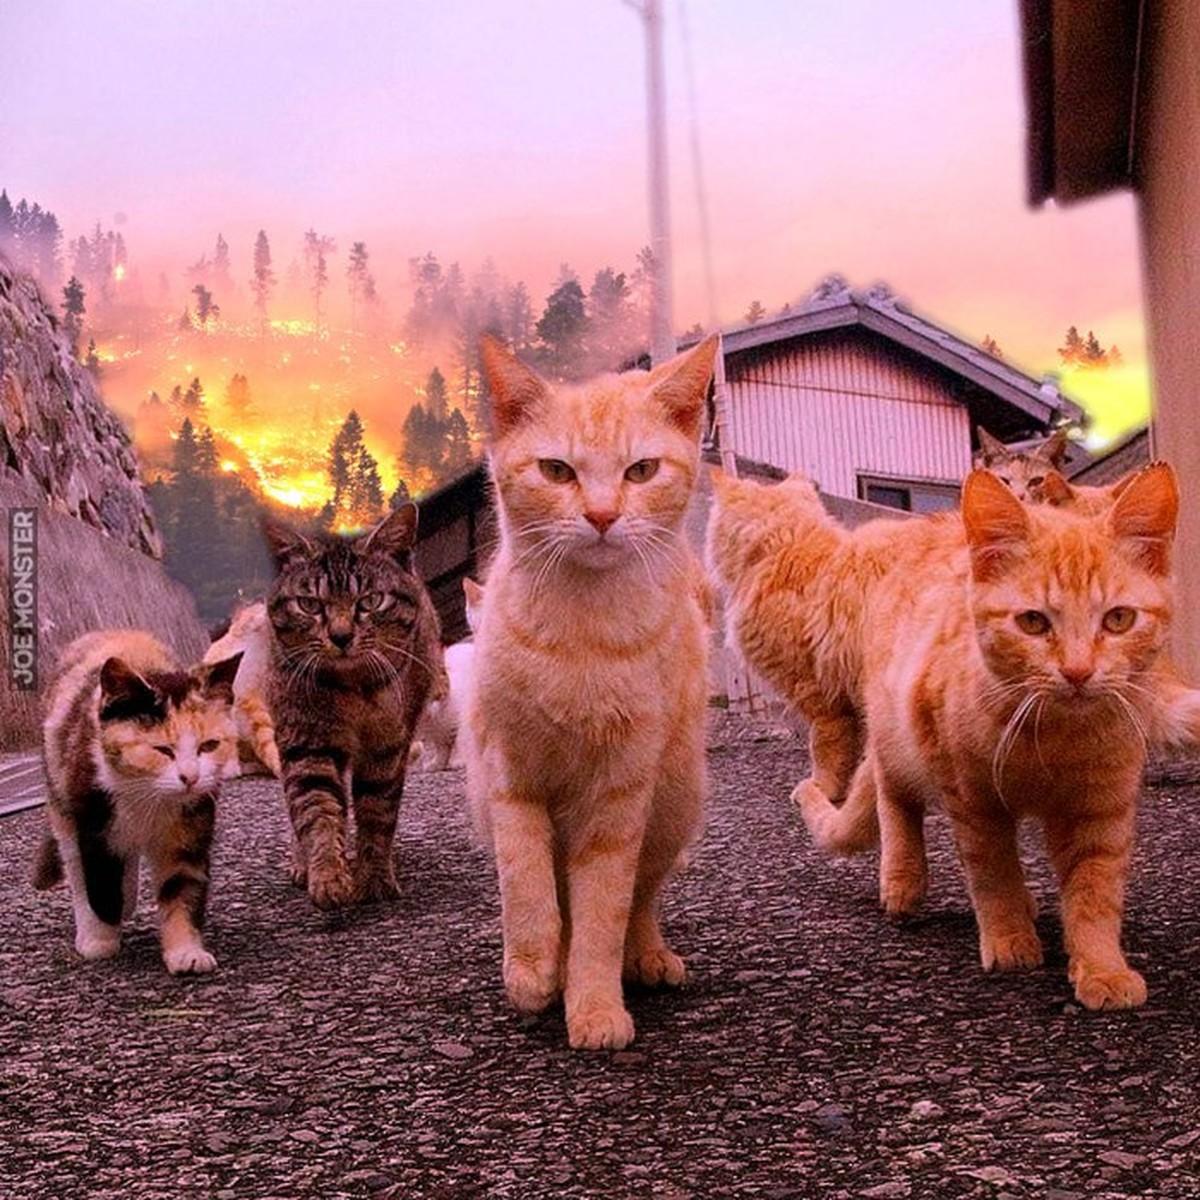 Картинки с поиском котов фото